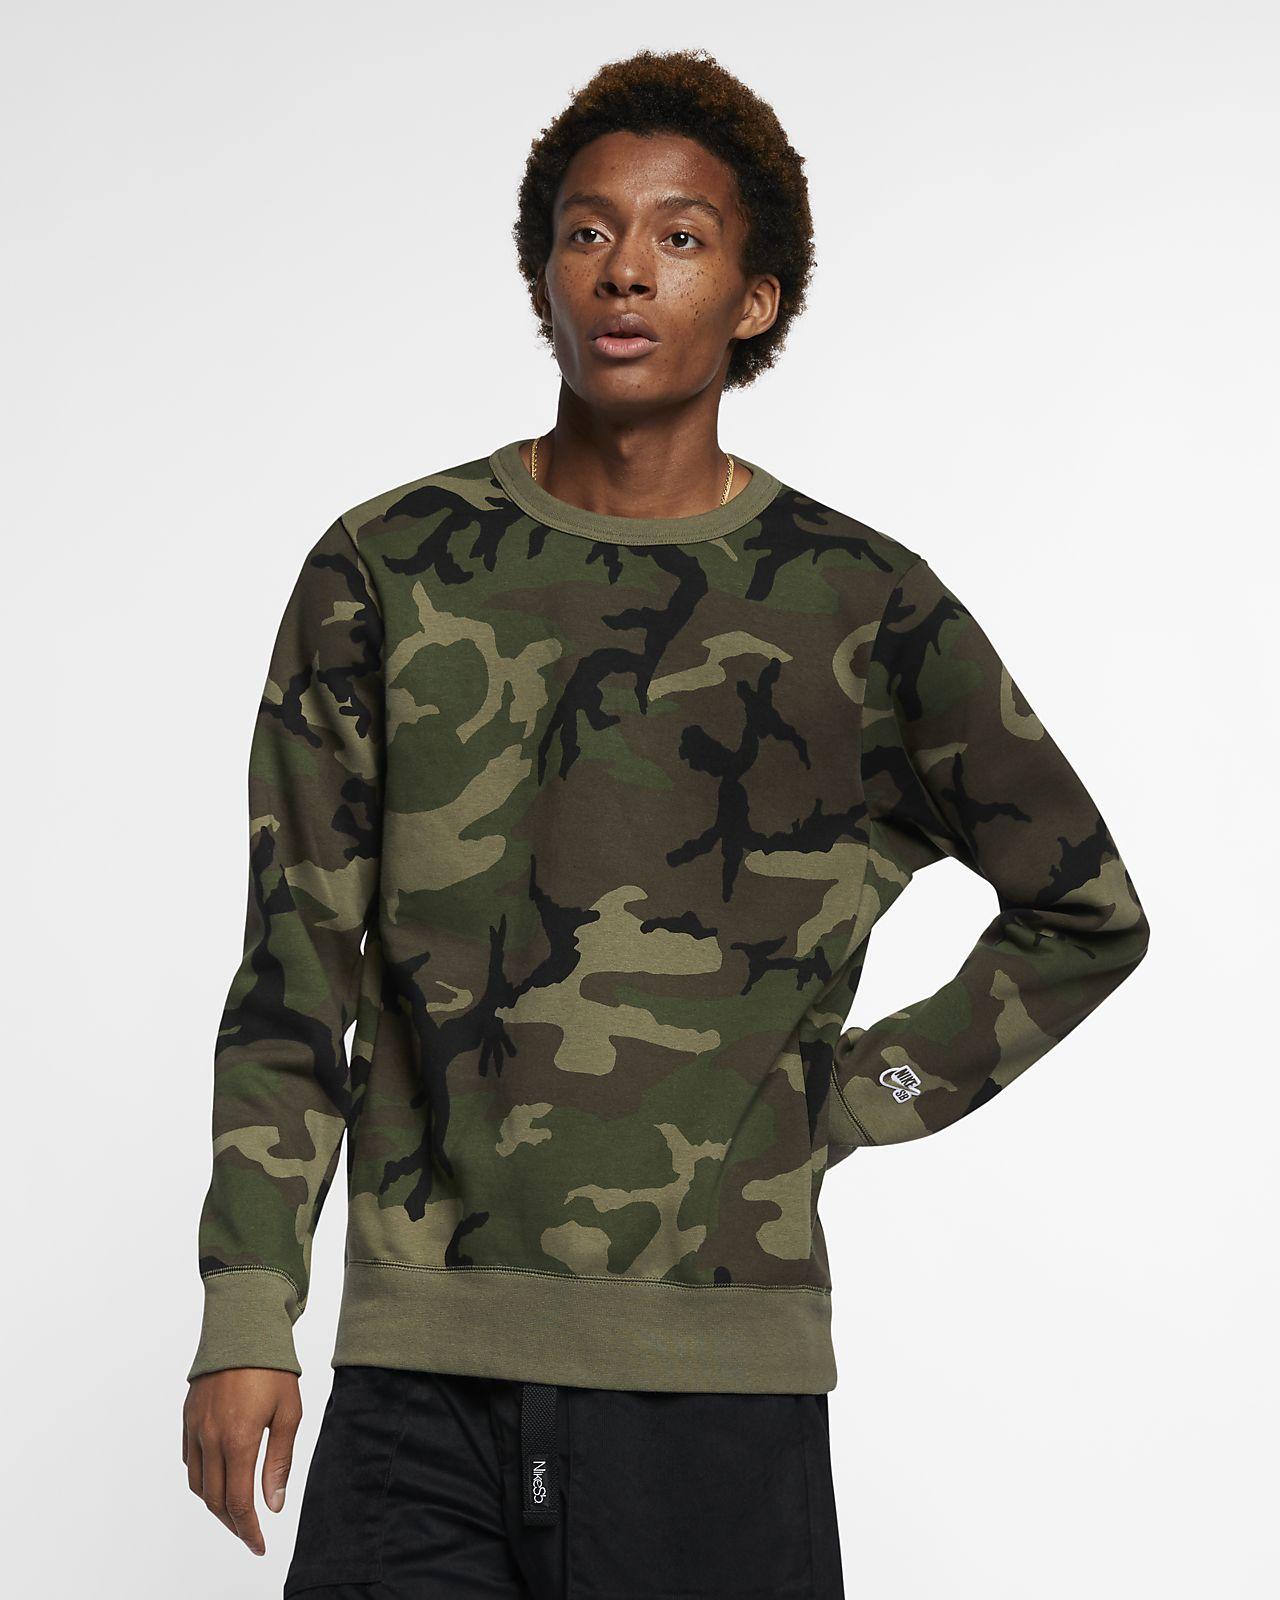 Koszulka męska do skateboardingu w kolorze moro Nike SB Icon